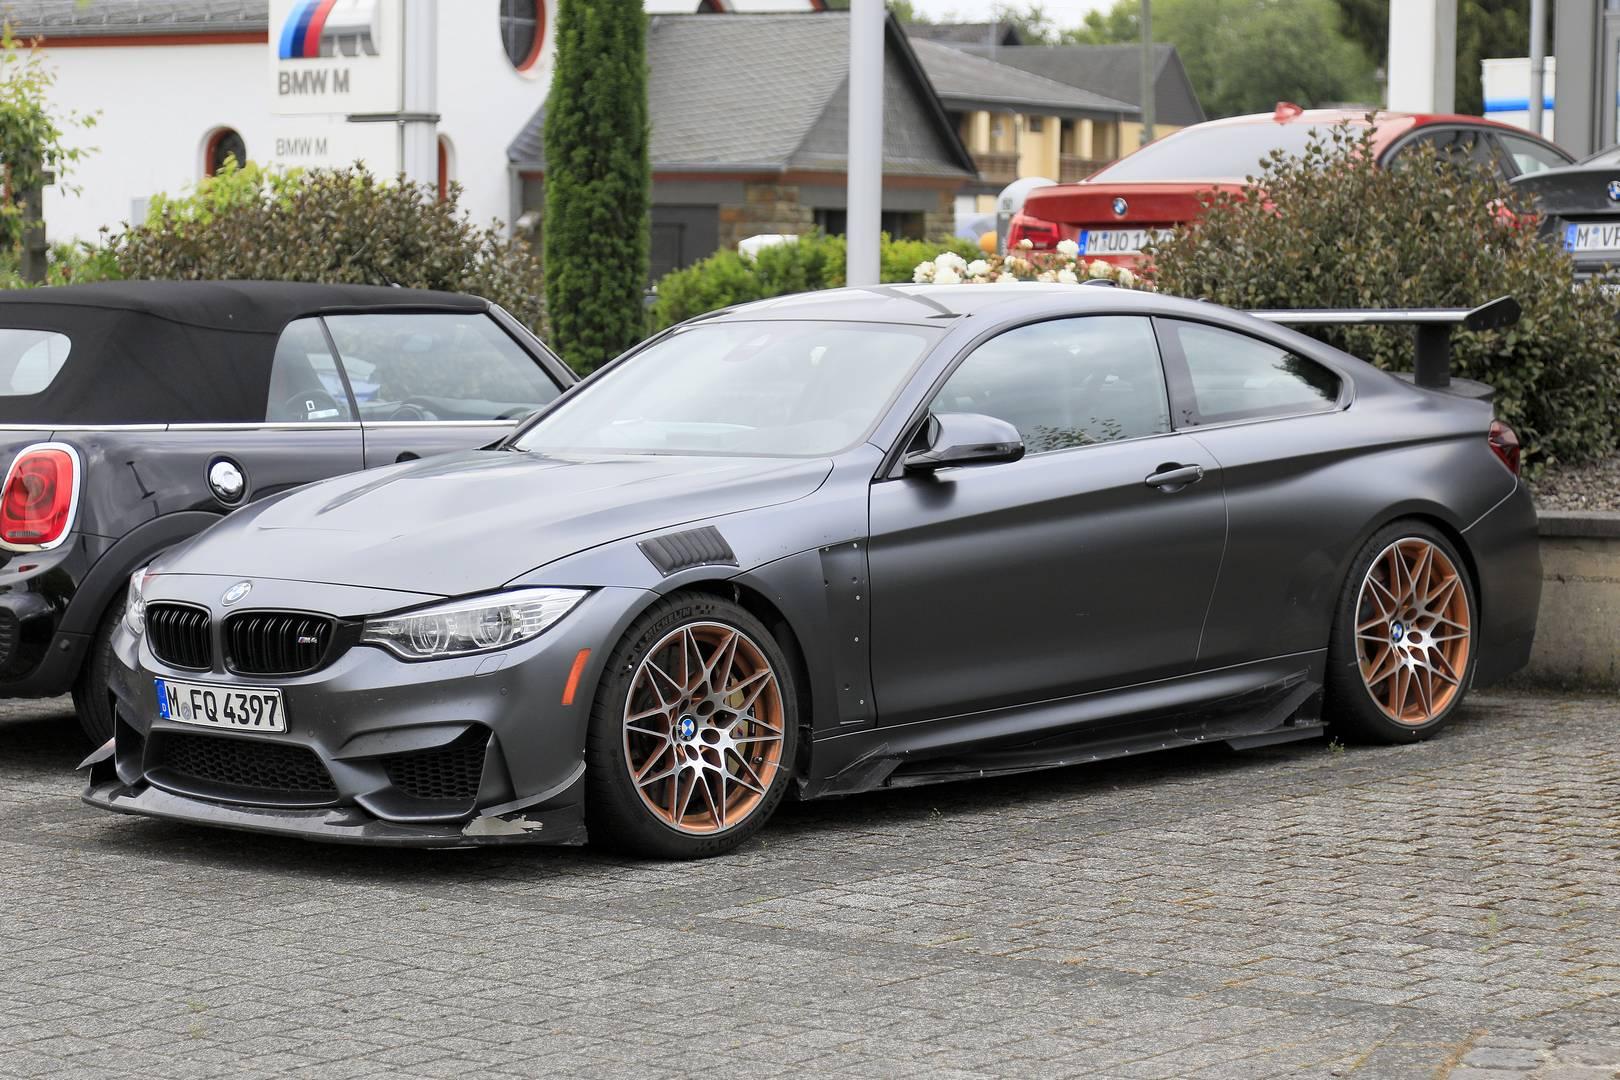 Наши источники предполагают, что автомобиль тестируется инженерами BMW.